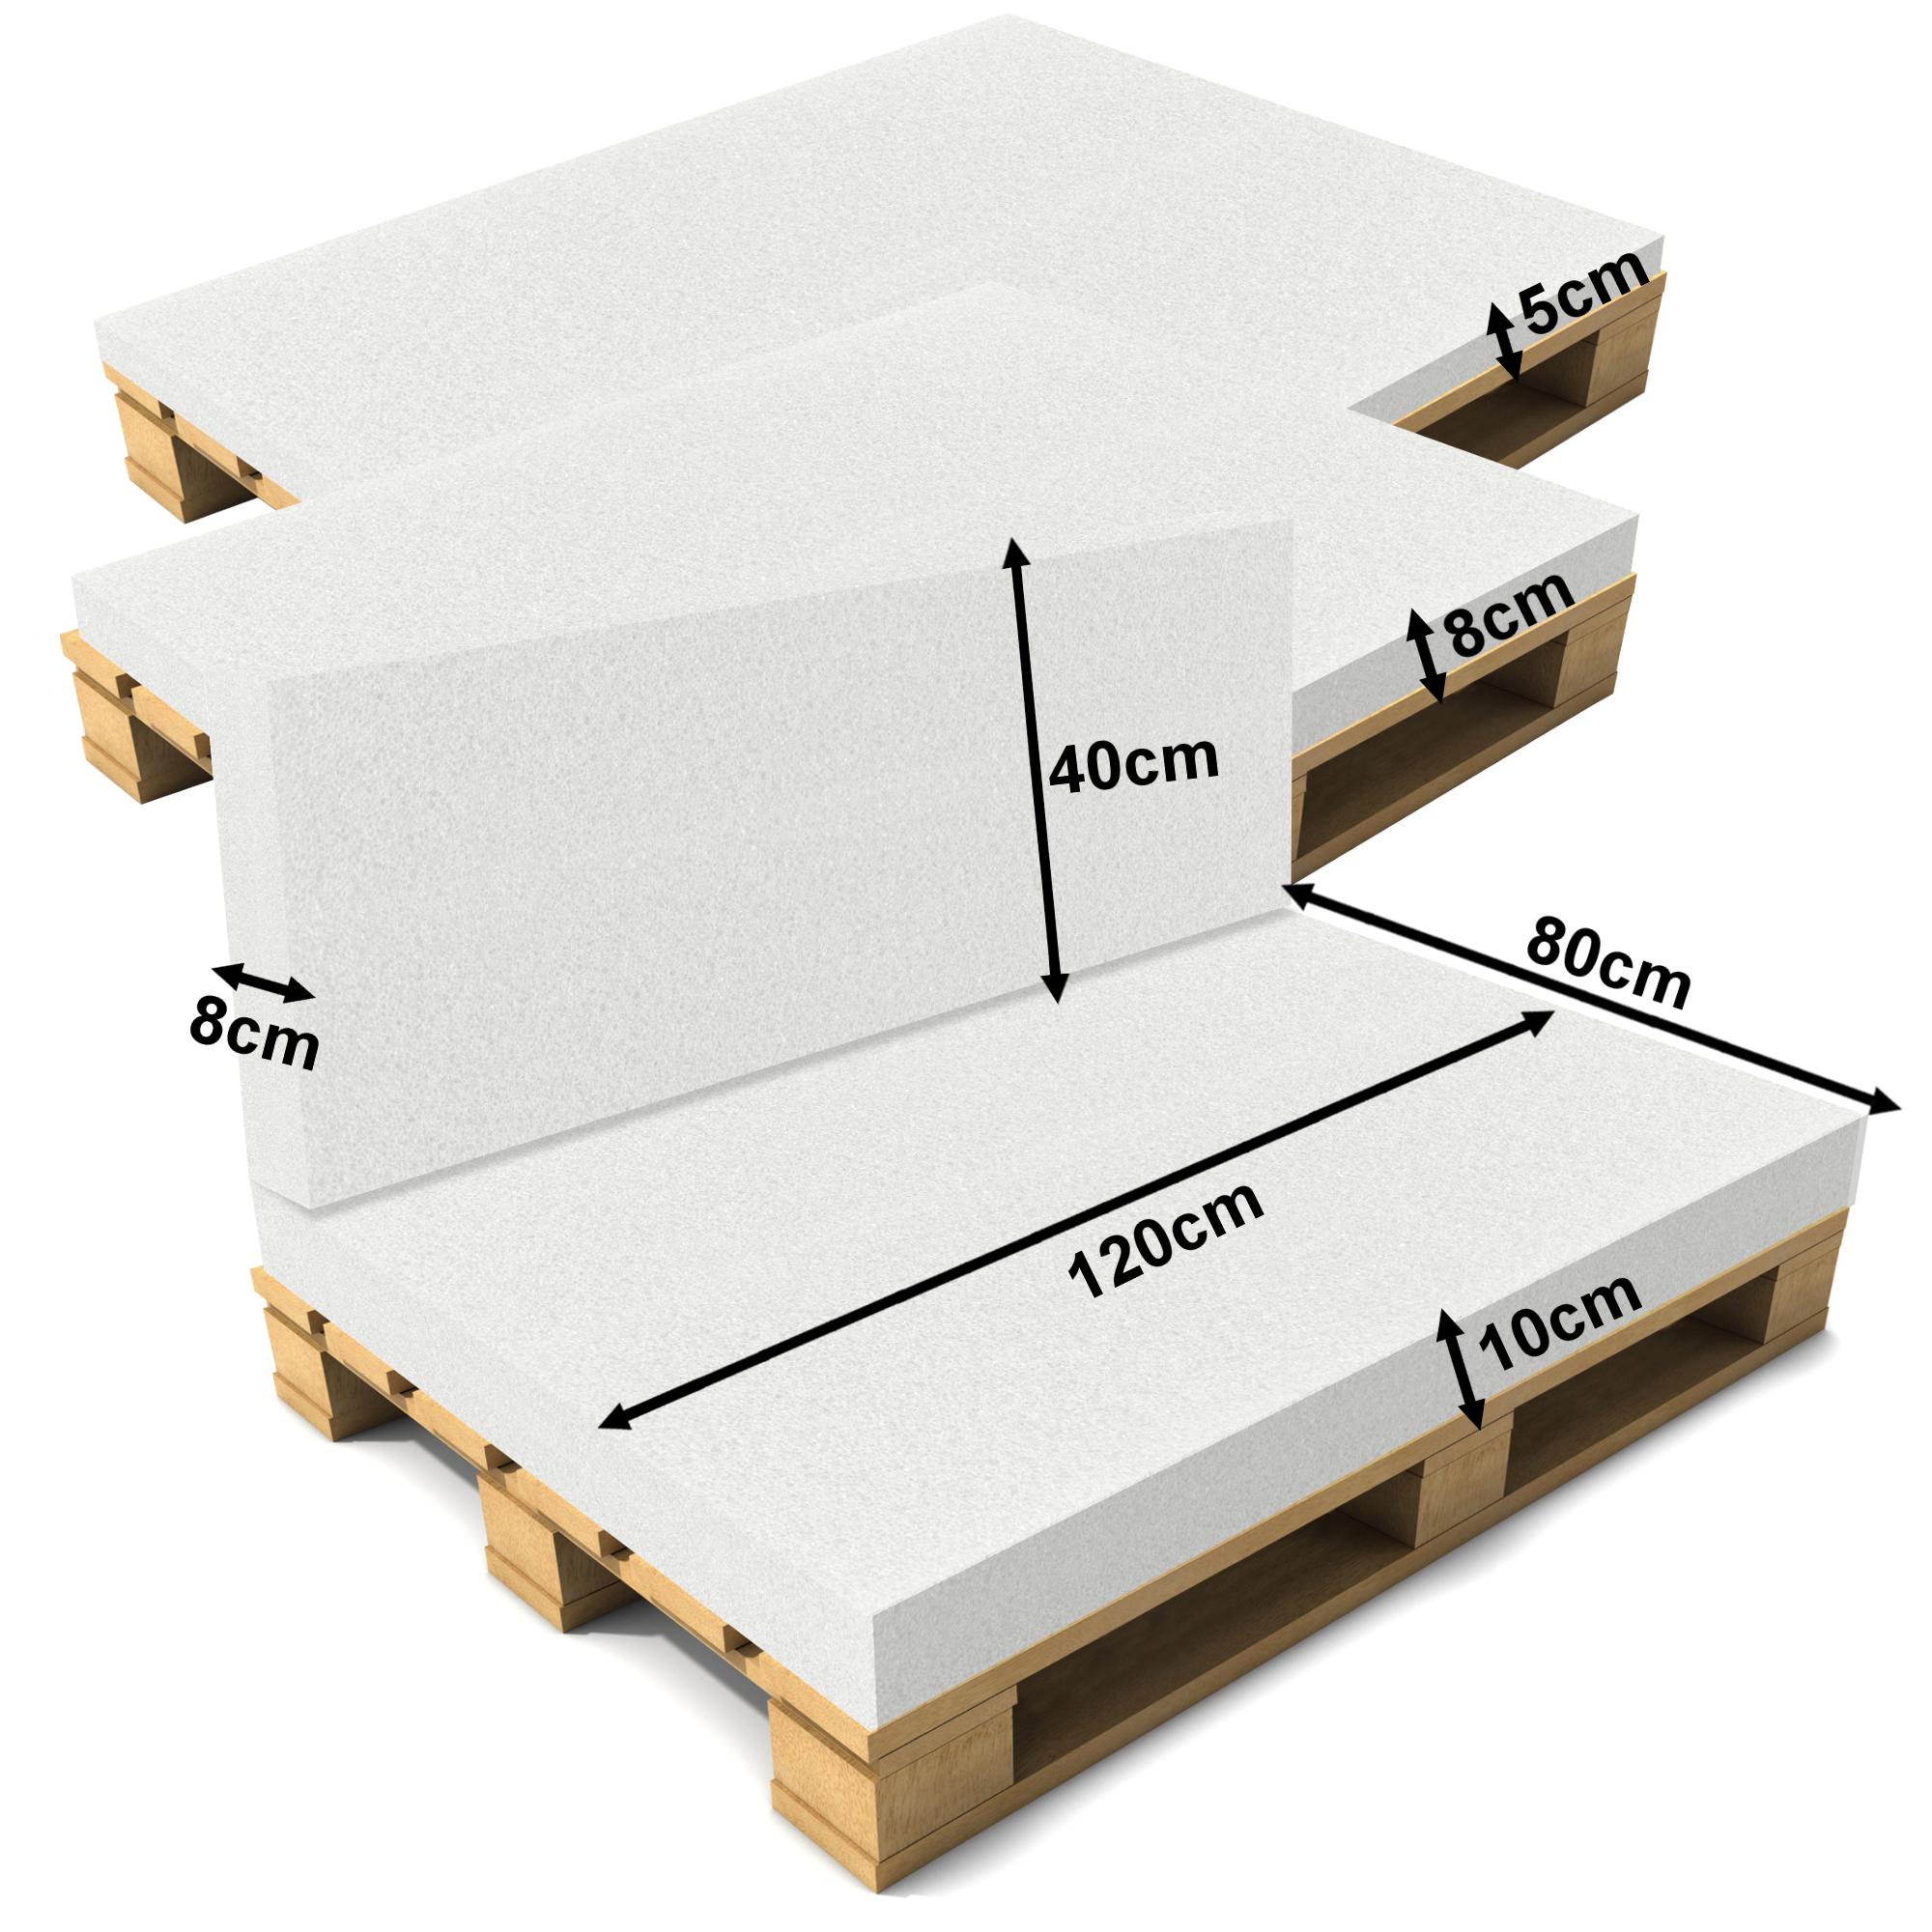 schaumstoff 120x80cm matratze palettenauflage palettenkissen polster ebay. Black Bedroom Furniture Sets. Home Design Ideas